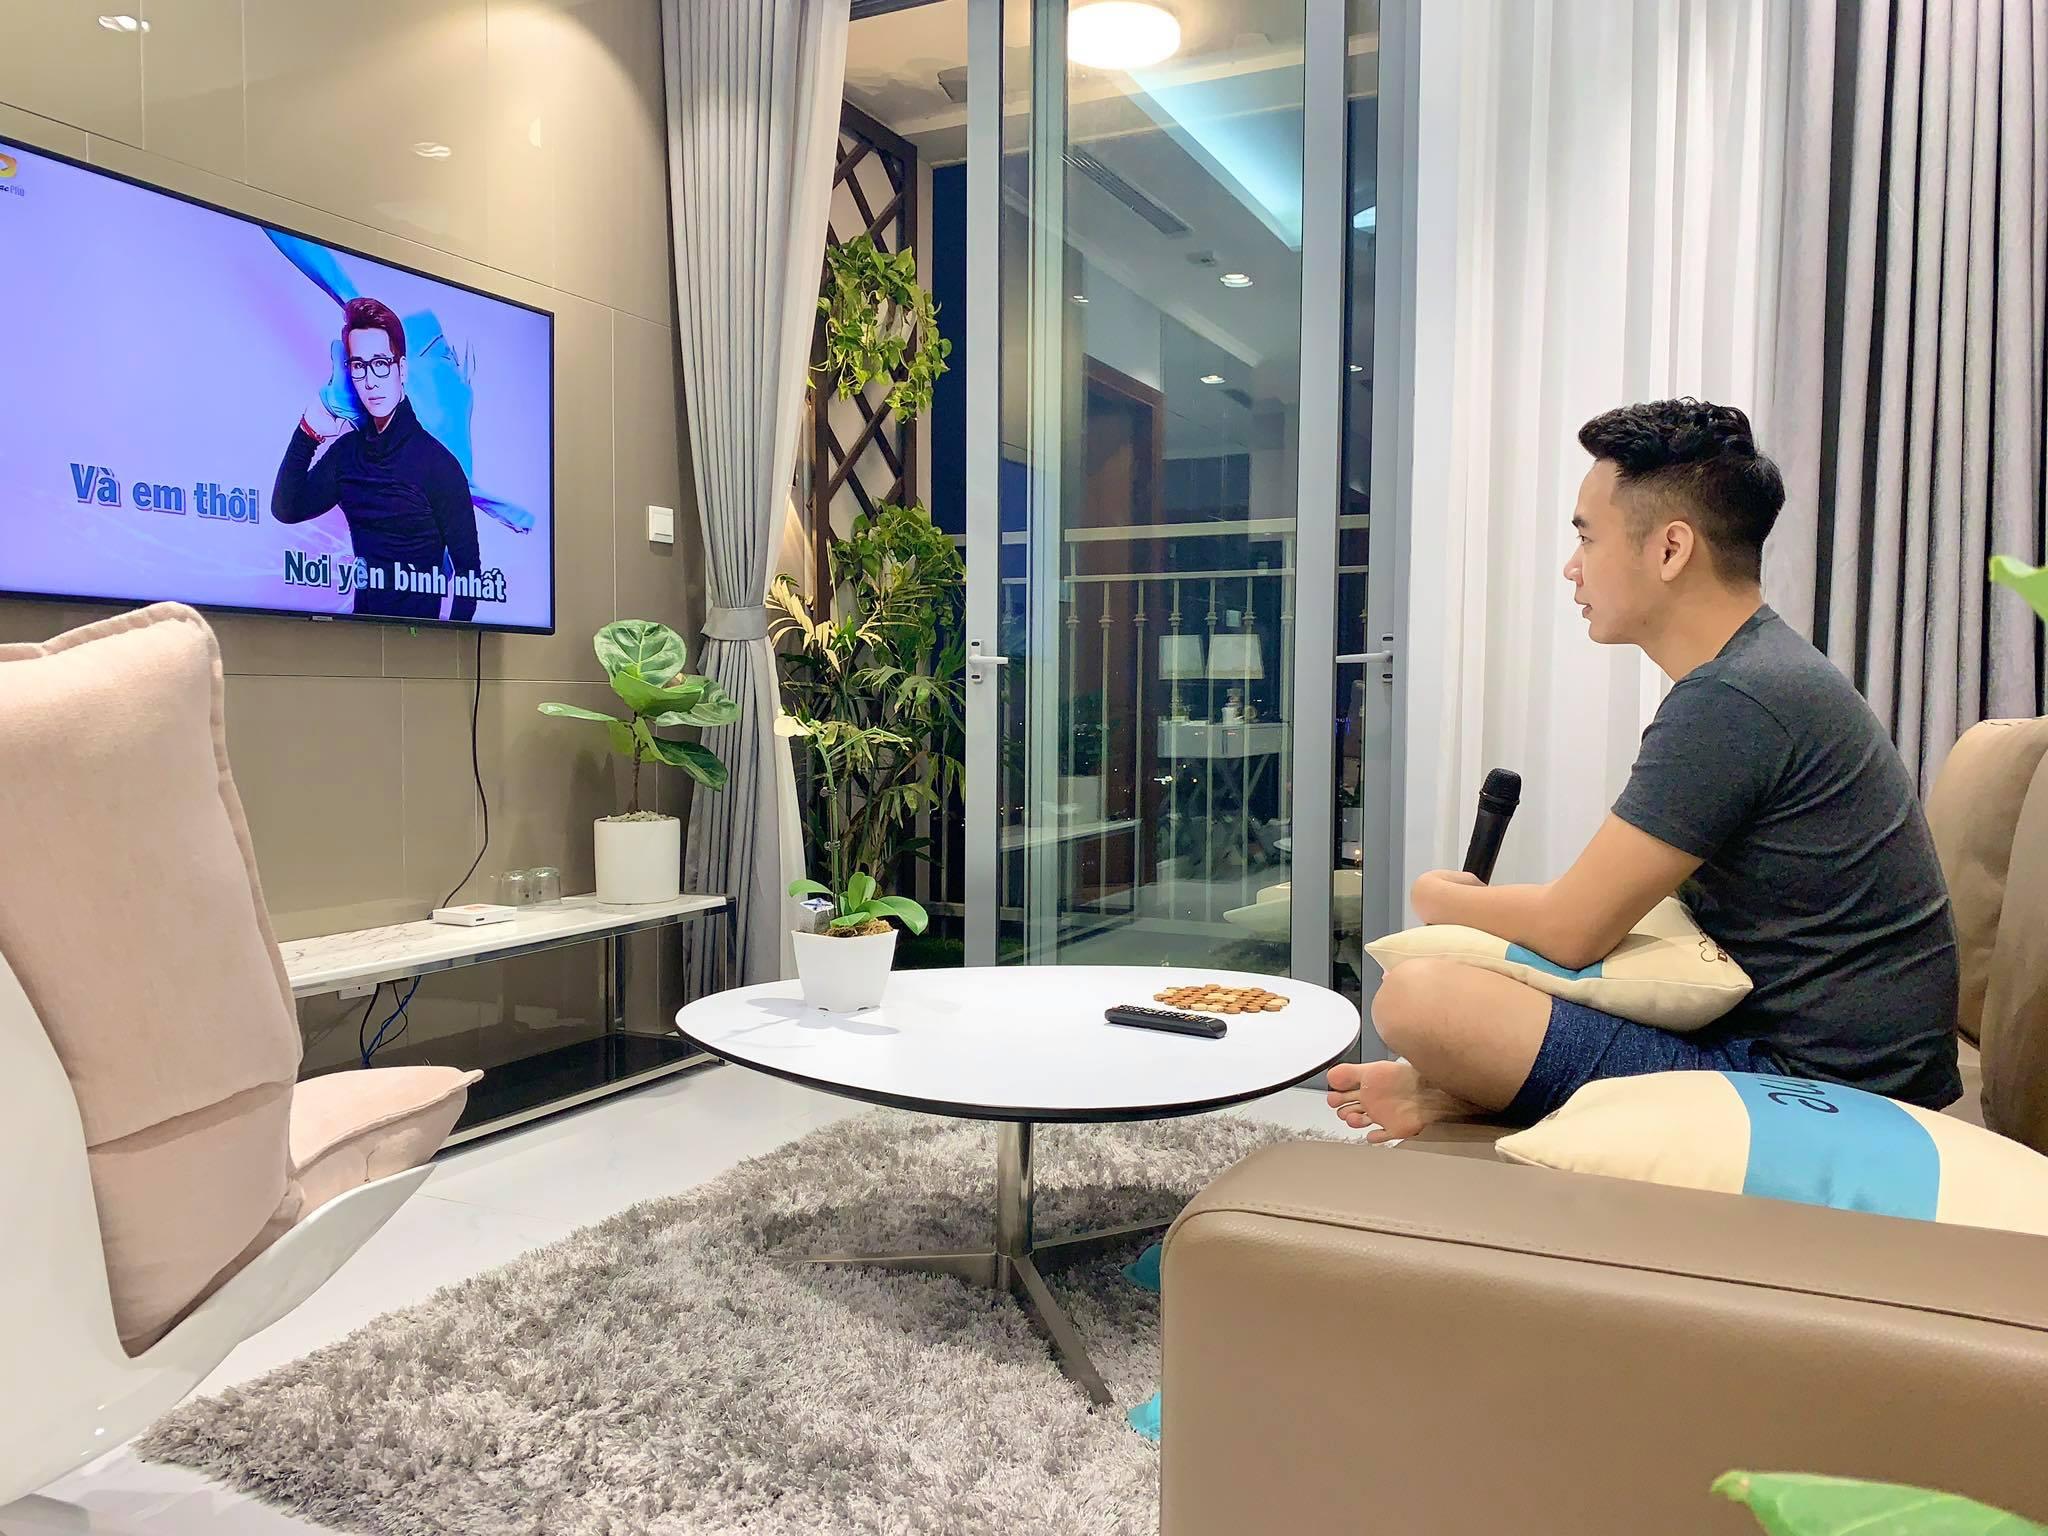 Căn hộ 79m² view trọn Hà Nội được chàng trai độc thân tự tay chọn đồ với chi phí 330 triệu đồng - Ảnh 1.